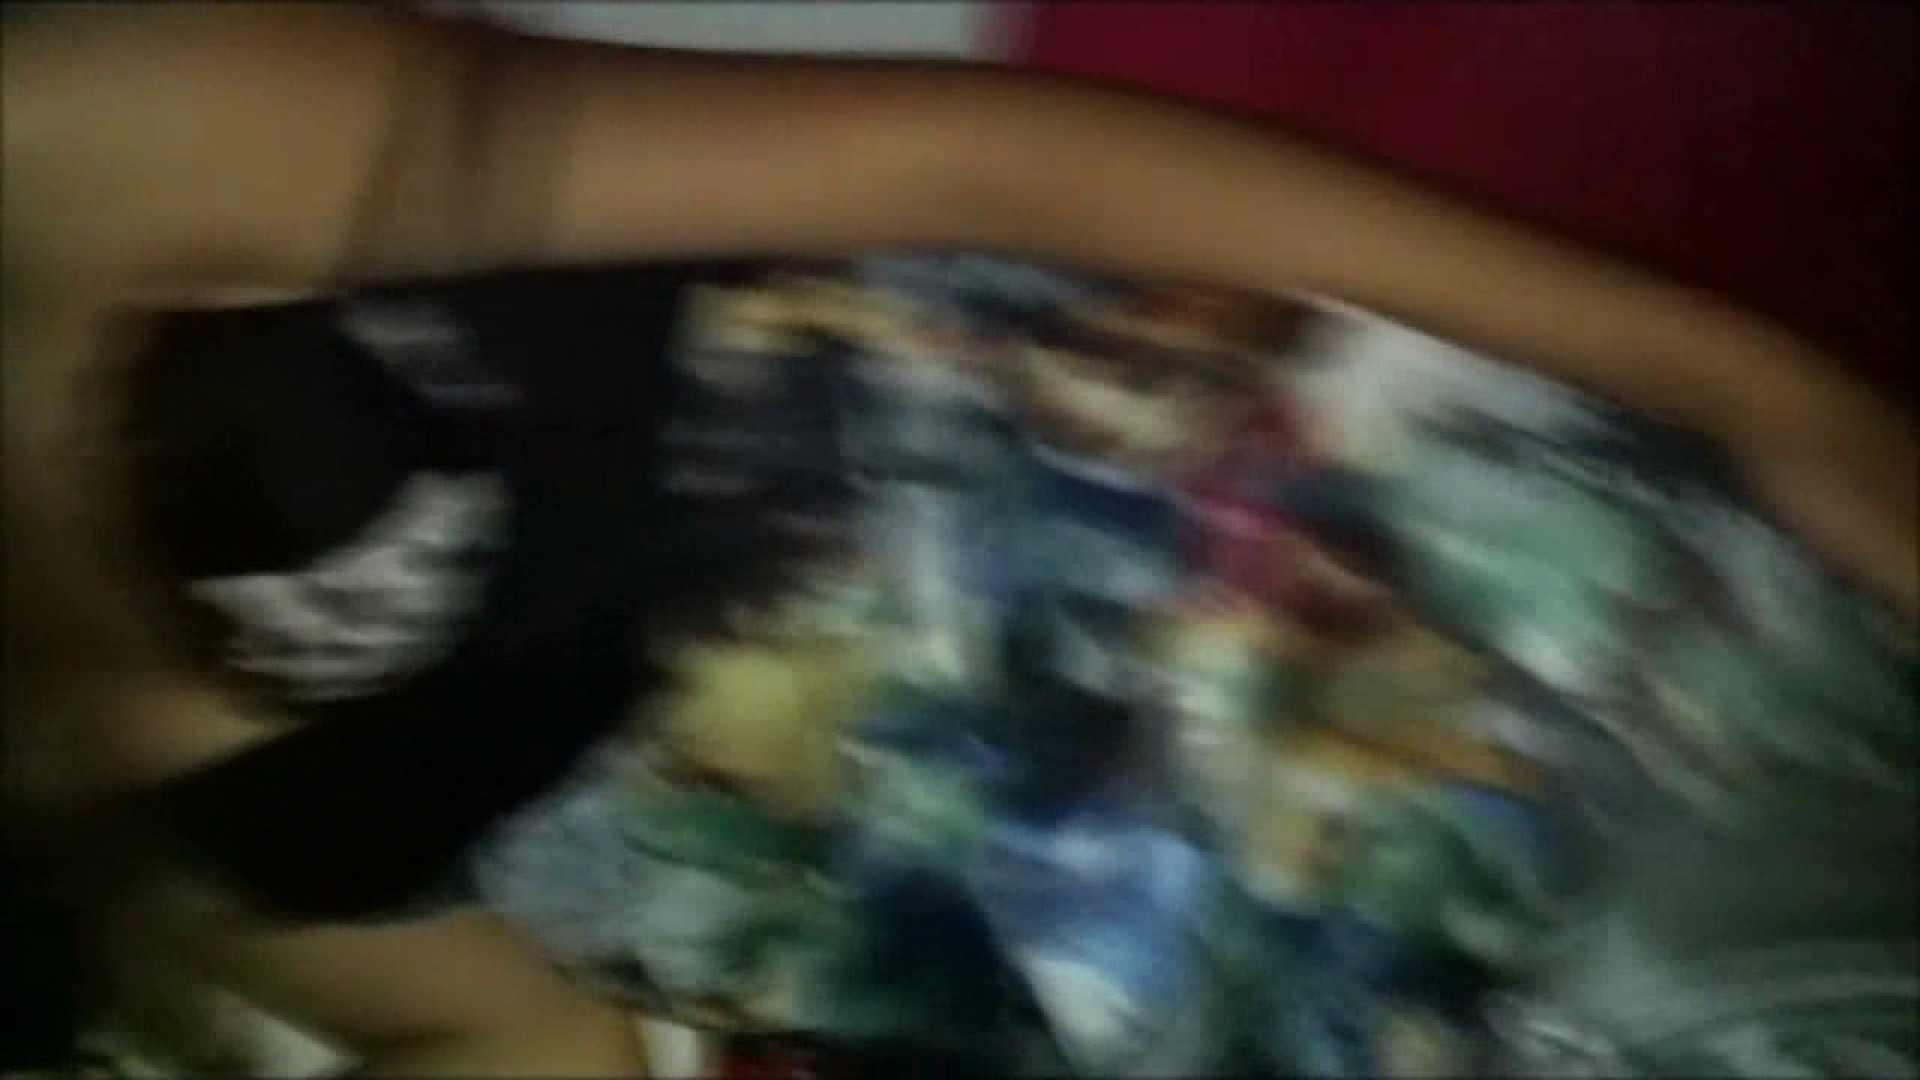 魔術師の お・も・て・な・し vol.15 ギャル系女子大生にブチ込ム! OL女体 隠し撮りオマンコ動画紹介 66連発 34